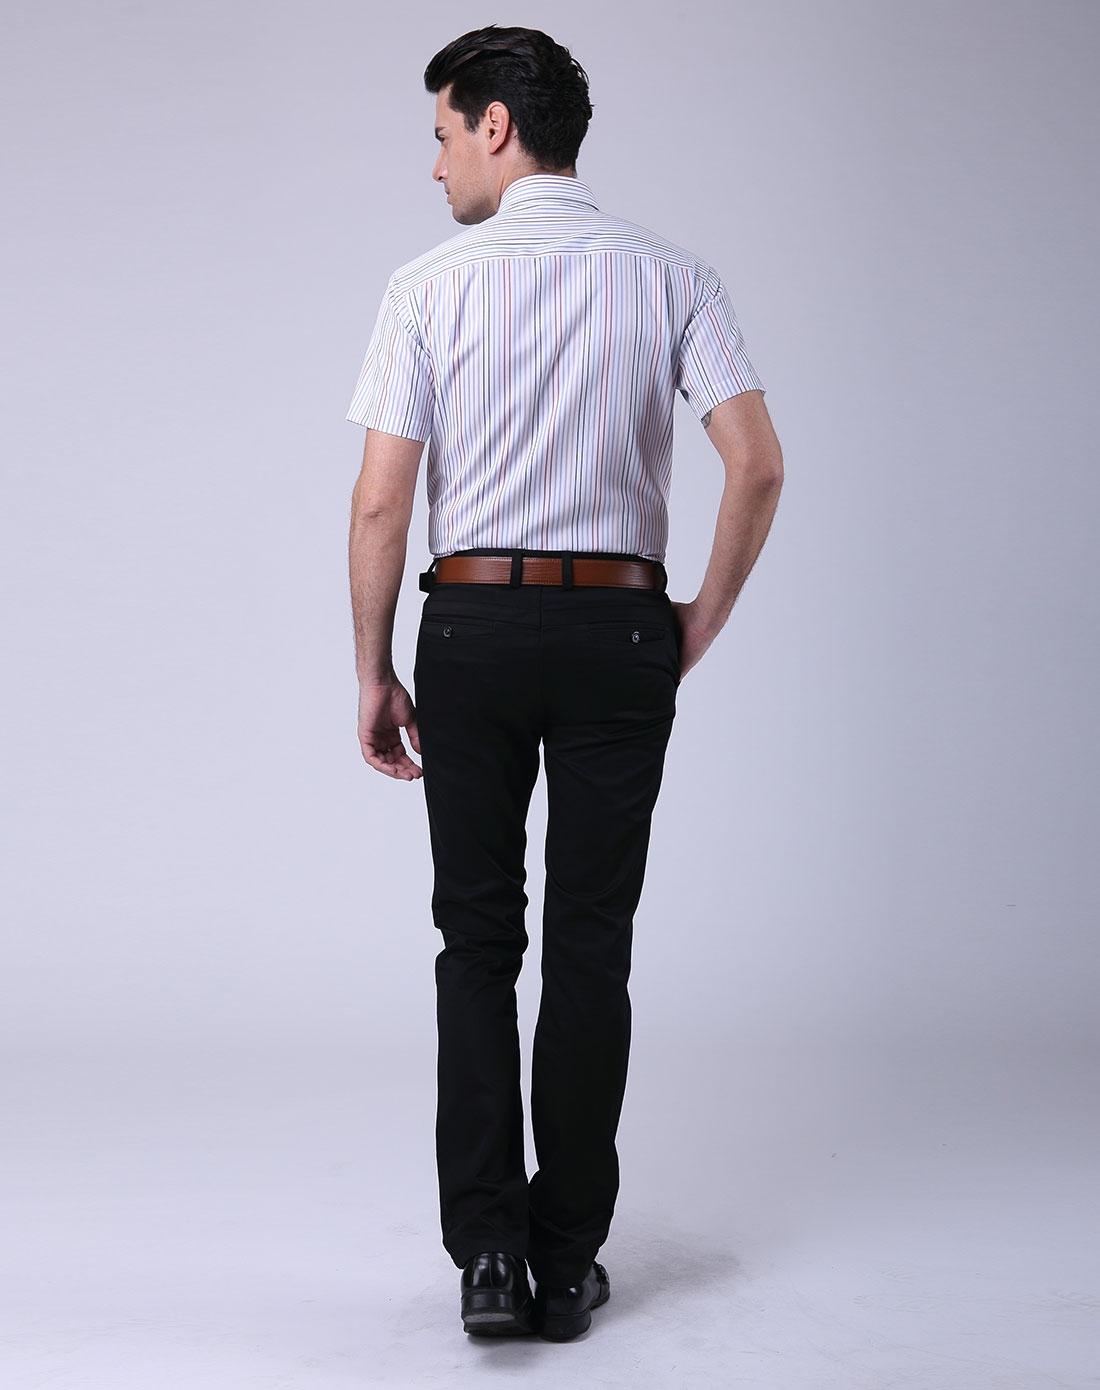 红蓝白竖条纹商务男装短袖衬衫